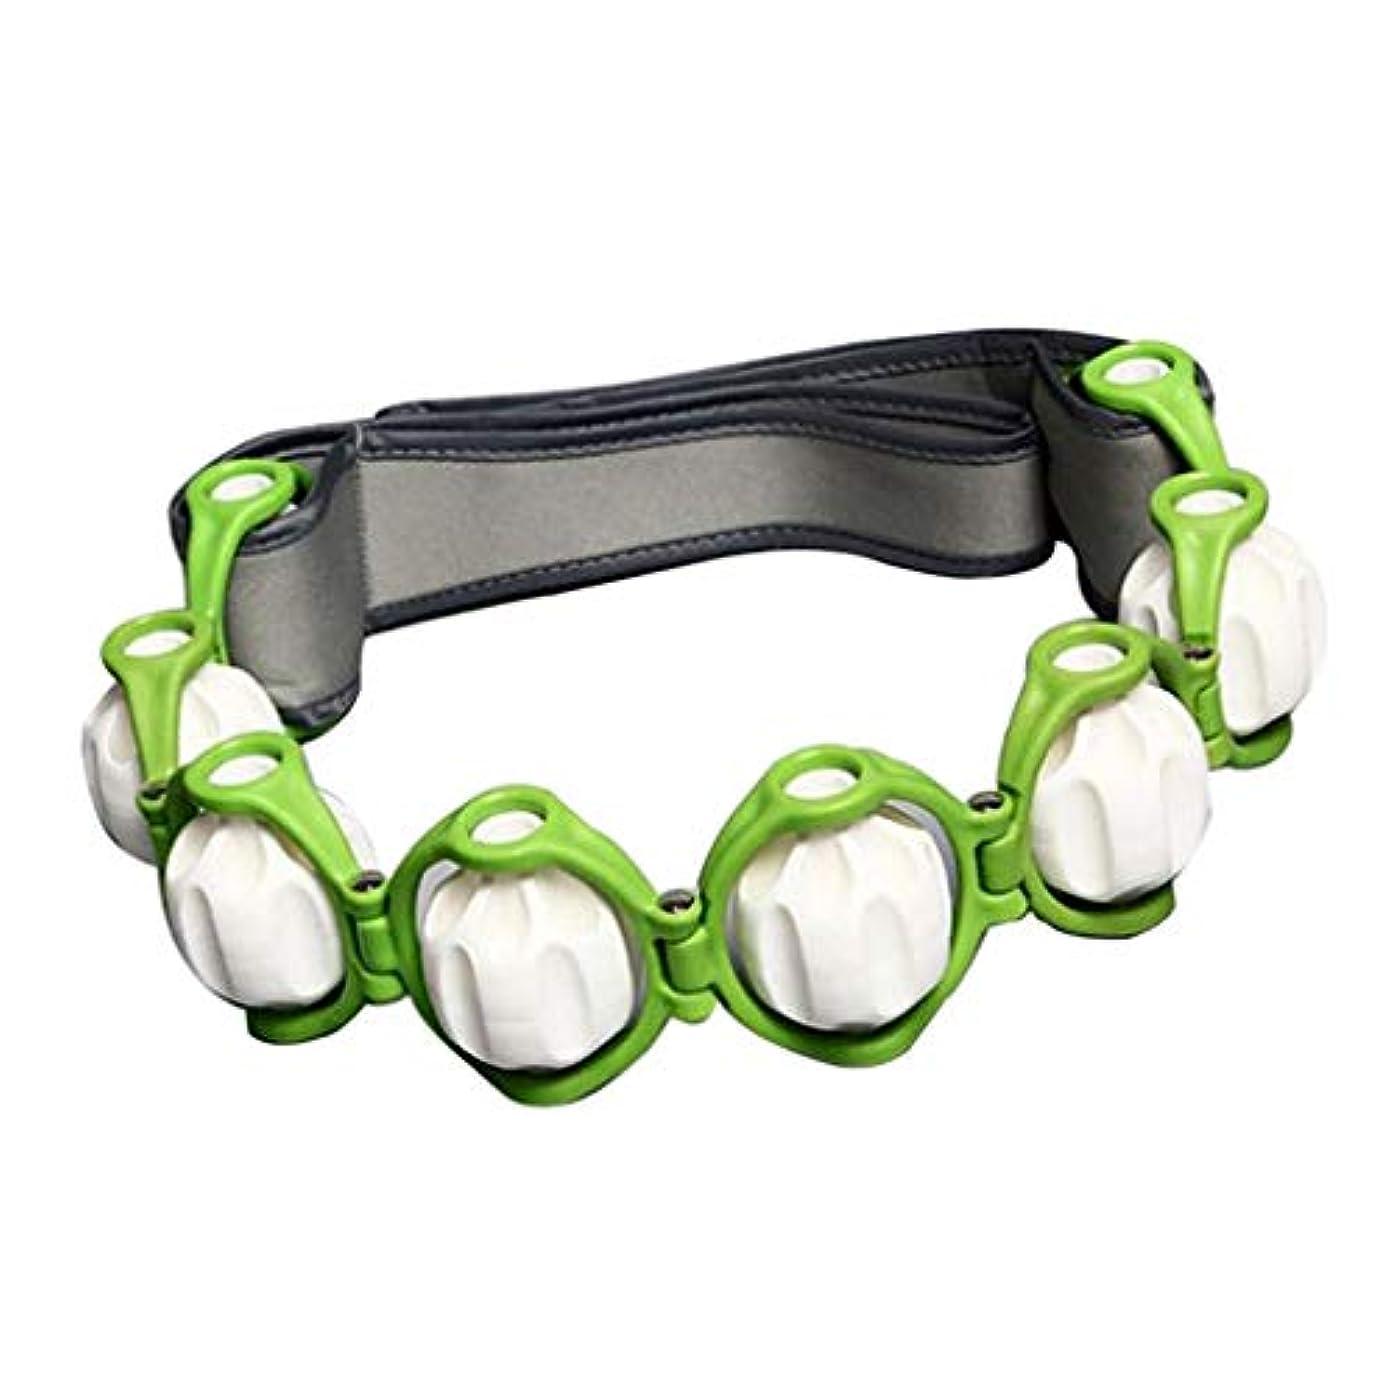 神経噛む類人猿トリガーポイントノードローリングボール付きハンドヘルドフルボディマッサージローラーロープ - 緑, 説明したように